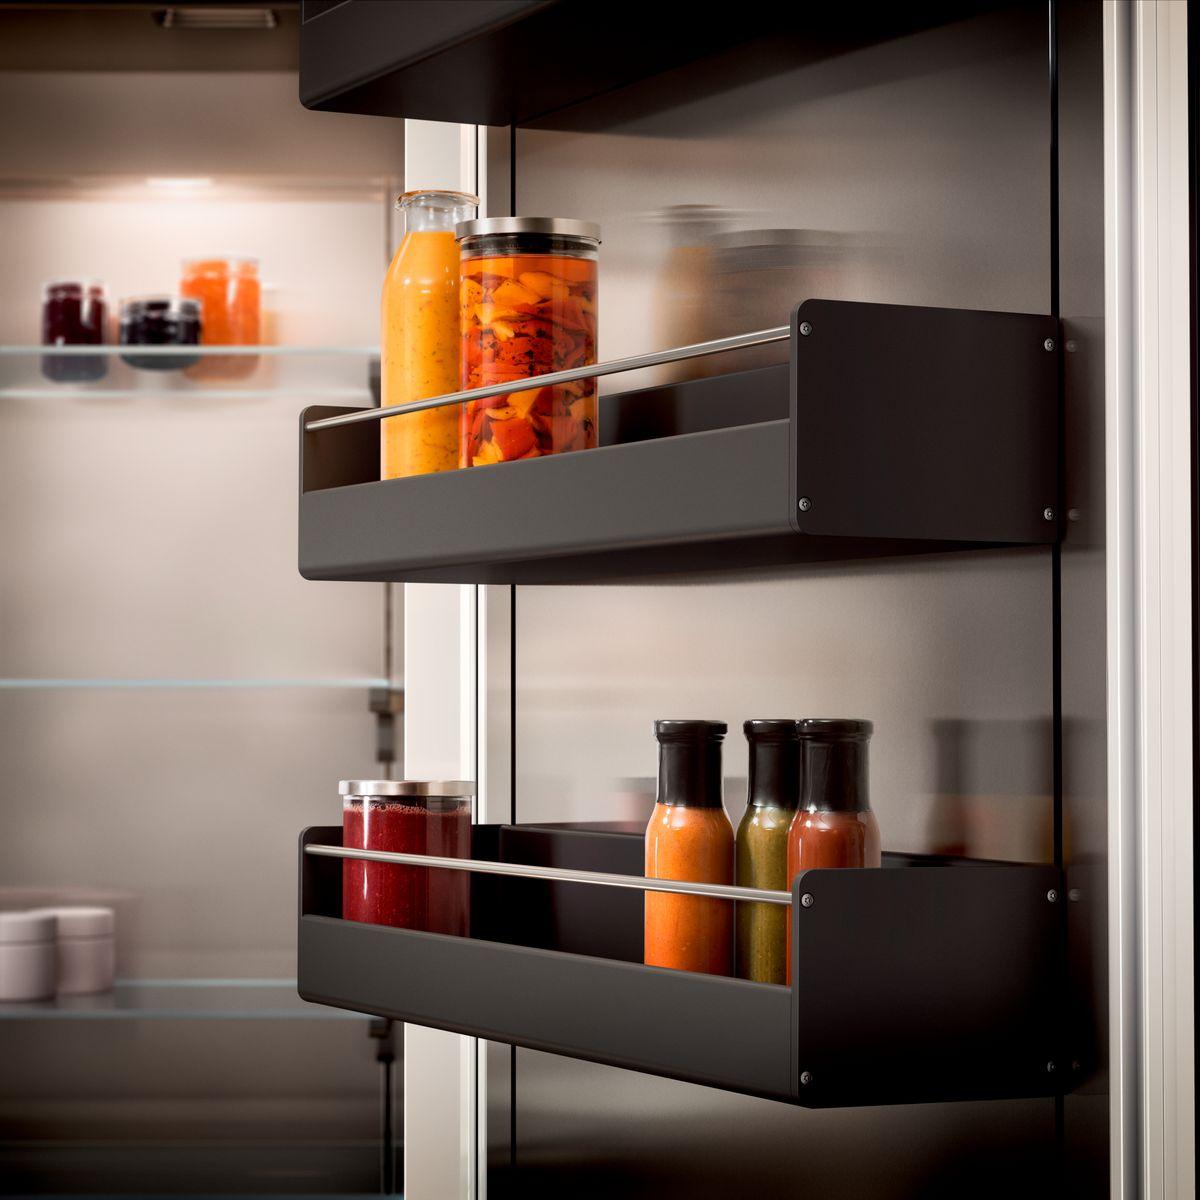 Intérieur appareils électroménagers haut de gamme pour cuisine équipée